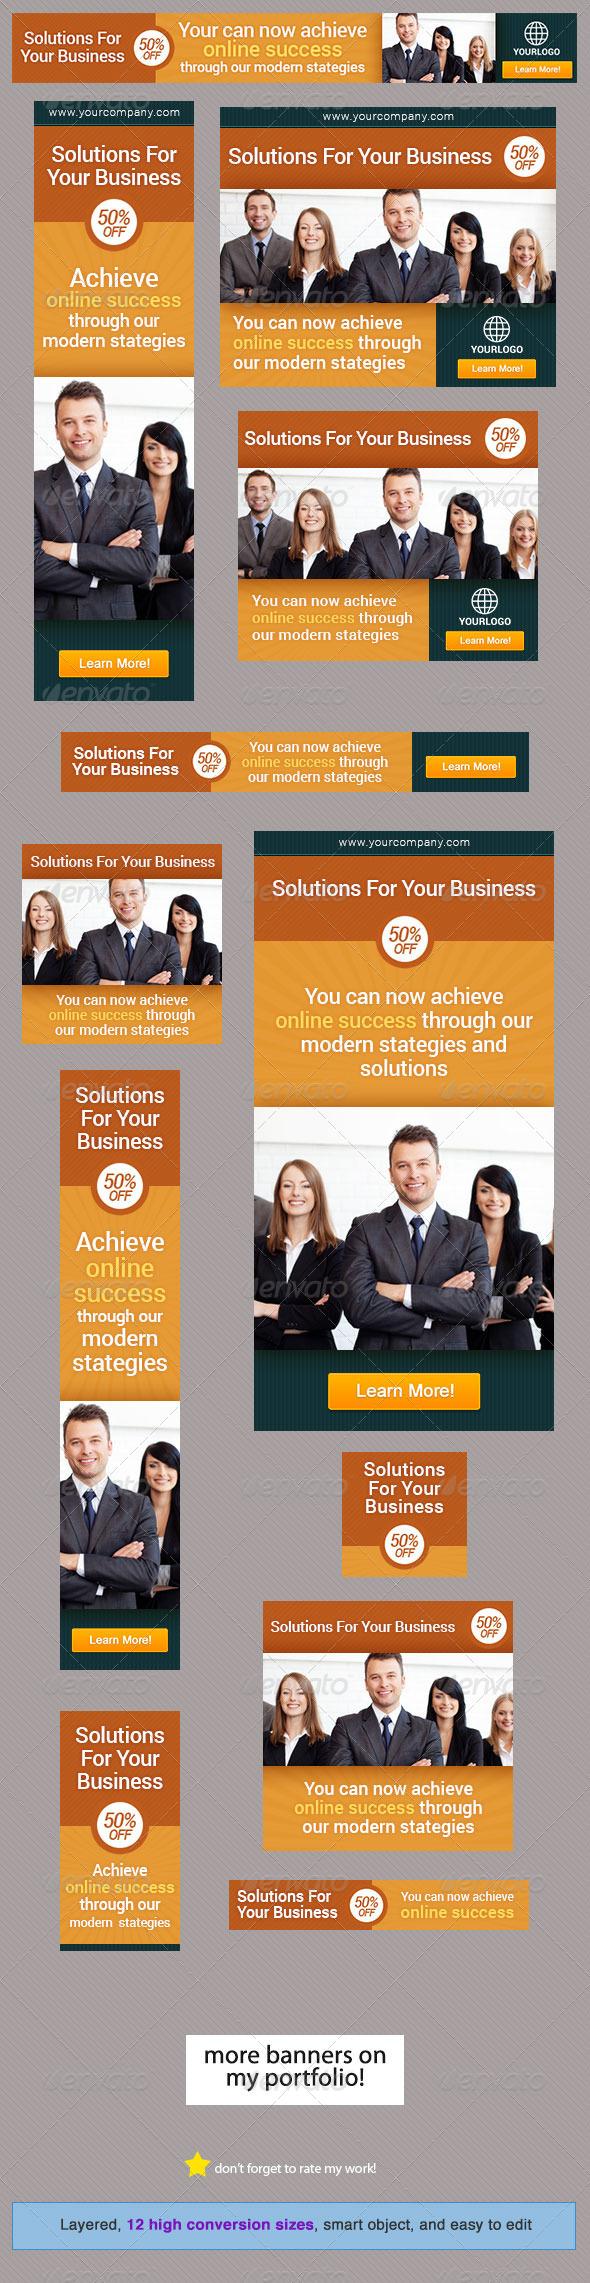 GraphicRiver Corporate Banner Design Template 10 4495749